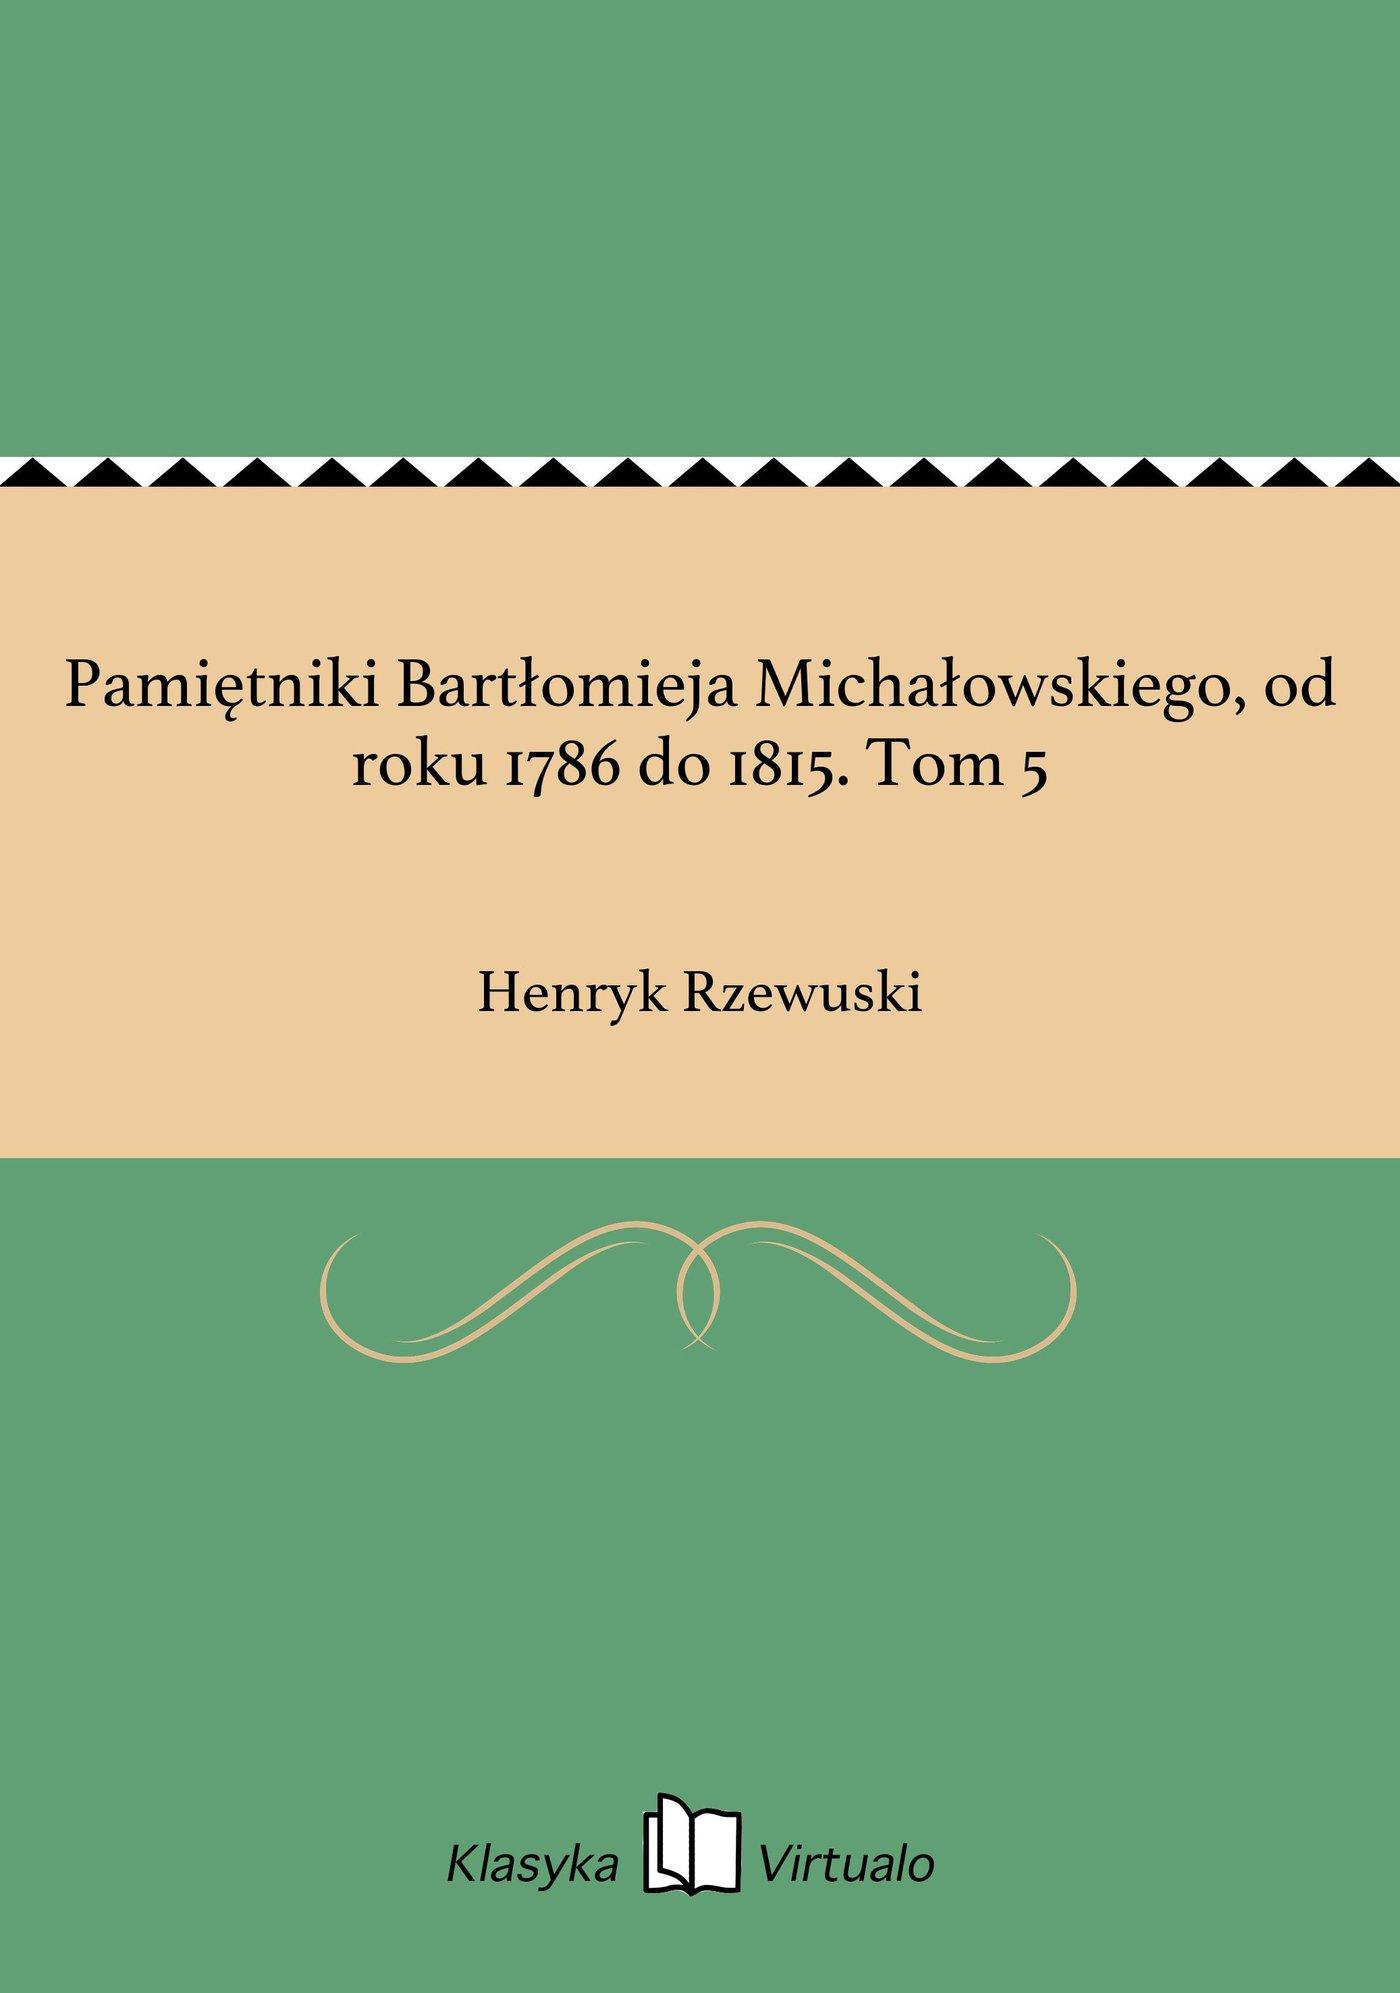 Pamiętniki Bartłomieja Michałowskiego, od roku 1786 do 1815. Tom 5 - Ebook (Książka EPUB) do pobrania w formacie EPUB